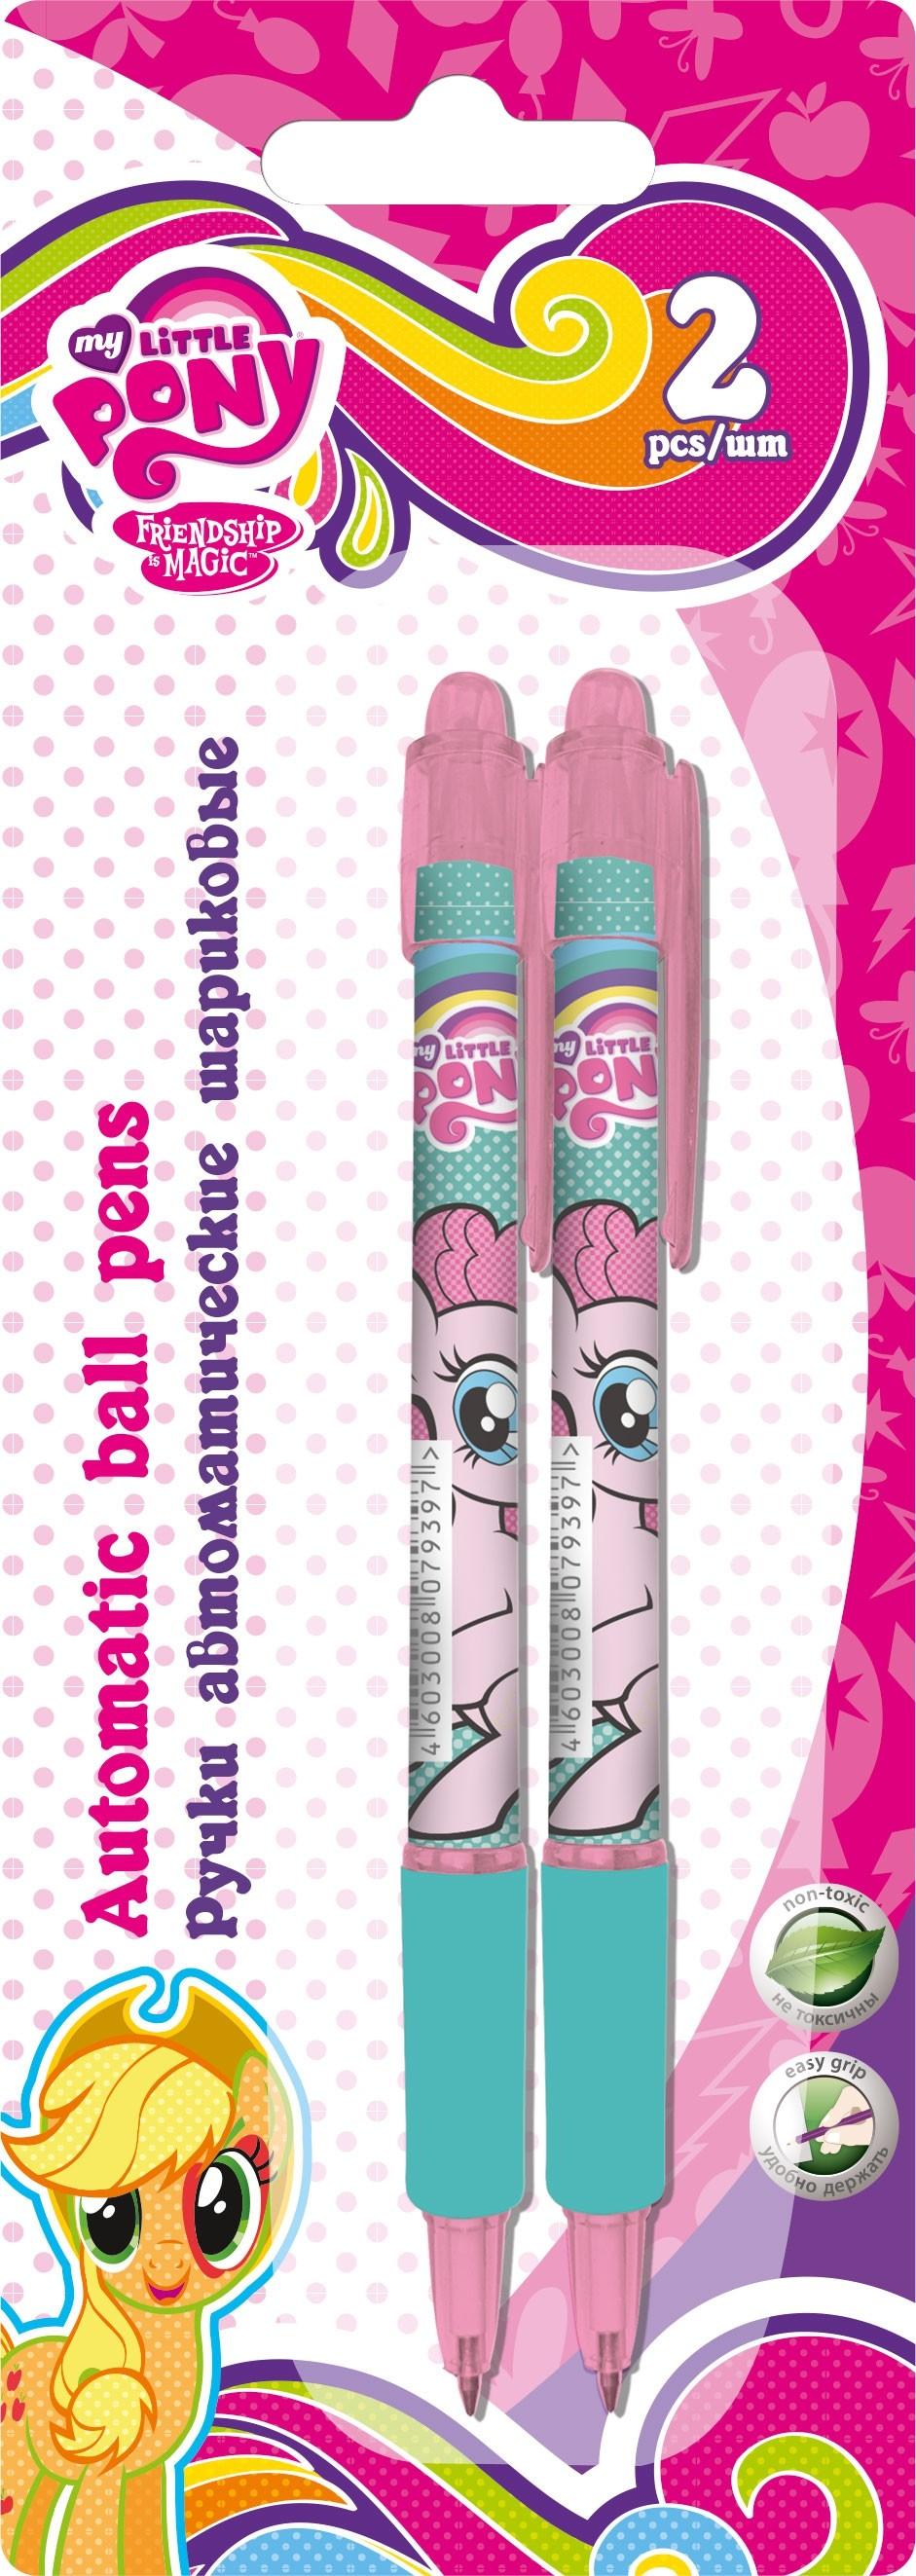 Ручки и карандаши My Little Pony 2 шт. набор смешарики 8 цветных ручек шариковых автоматических 0 7 мм в пвх упаковке с подвесом 84159